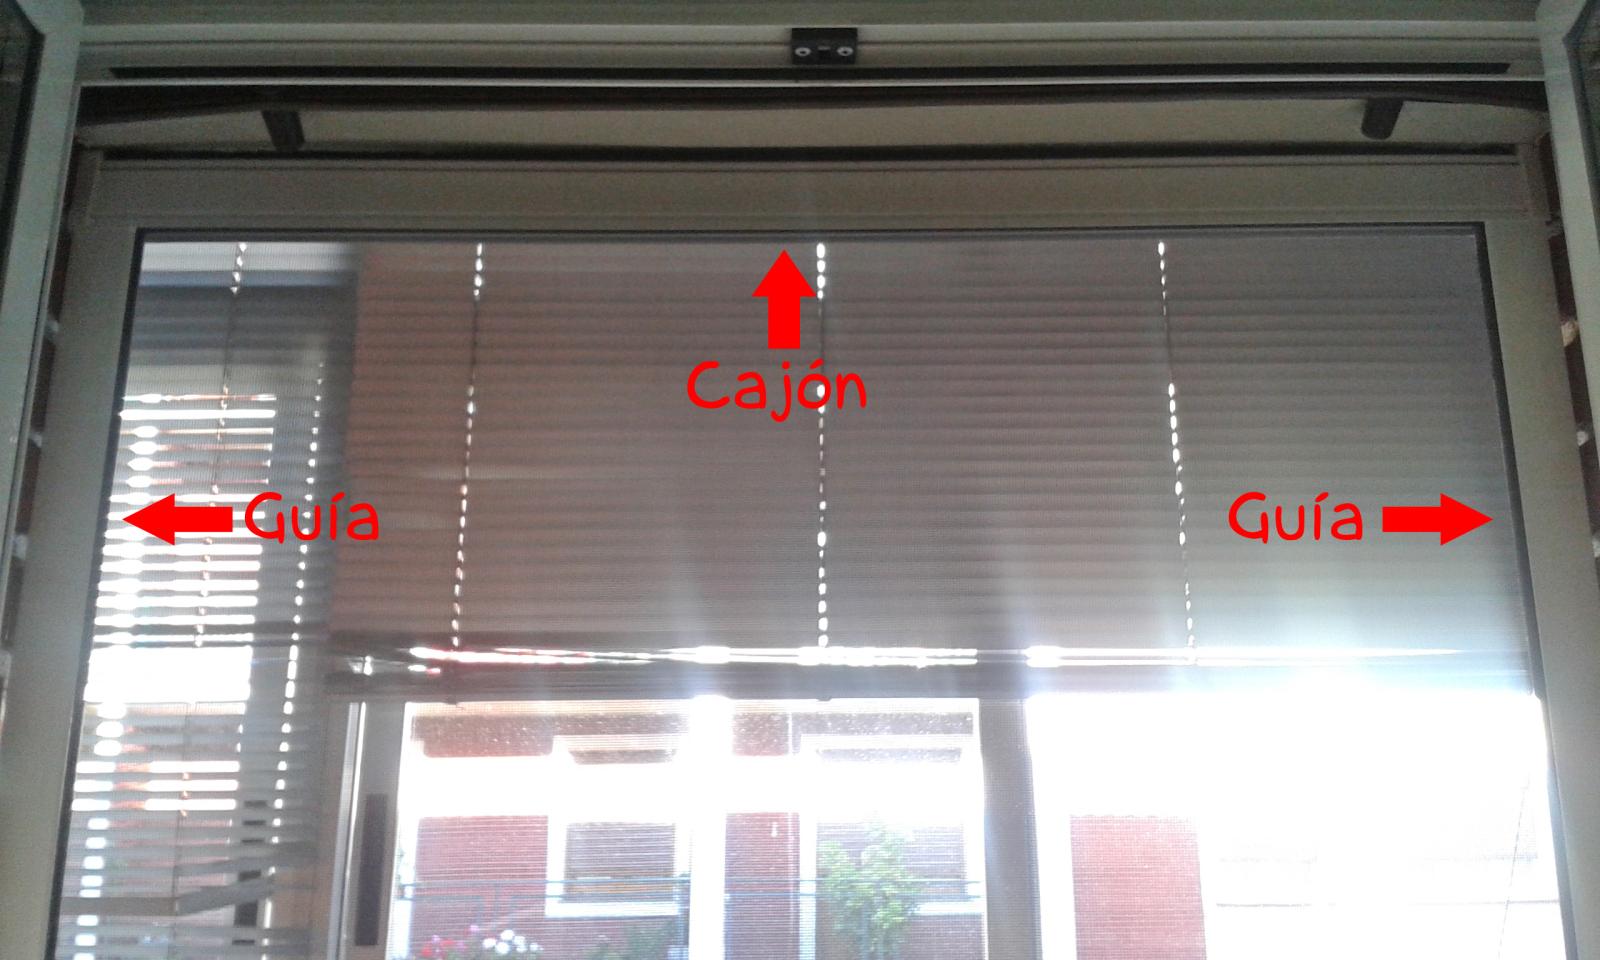 redes - Mosquiteras y redes para las ventanas y cómo proteger a nuestros gatos - Página 9 2d18s9x